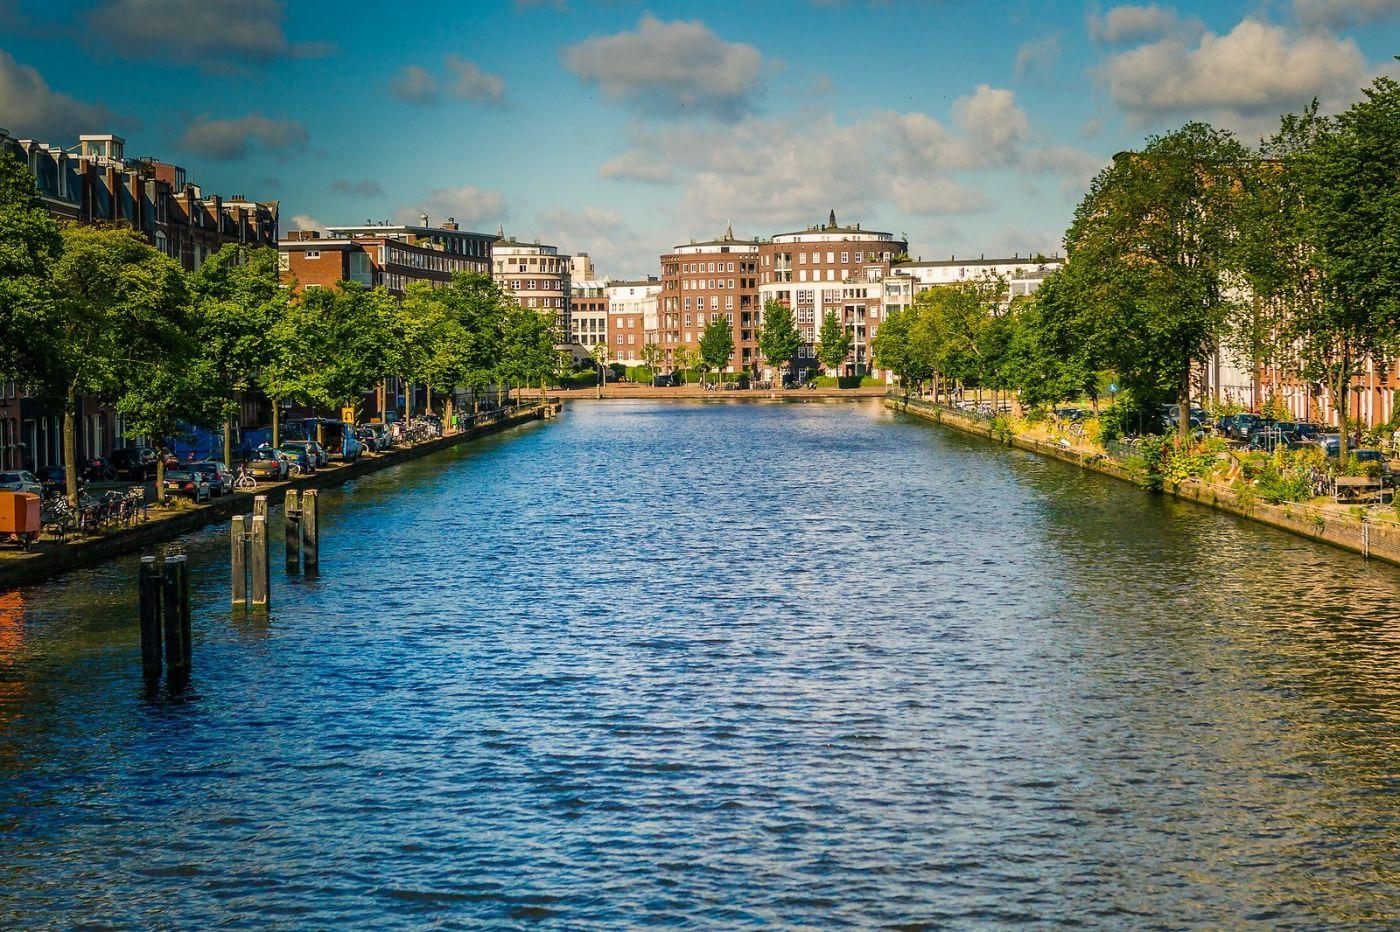 荷兰阿姆斯特丹,穿梭的自行车_图1-27